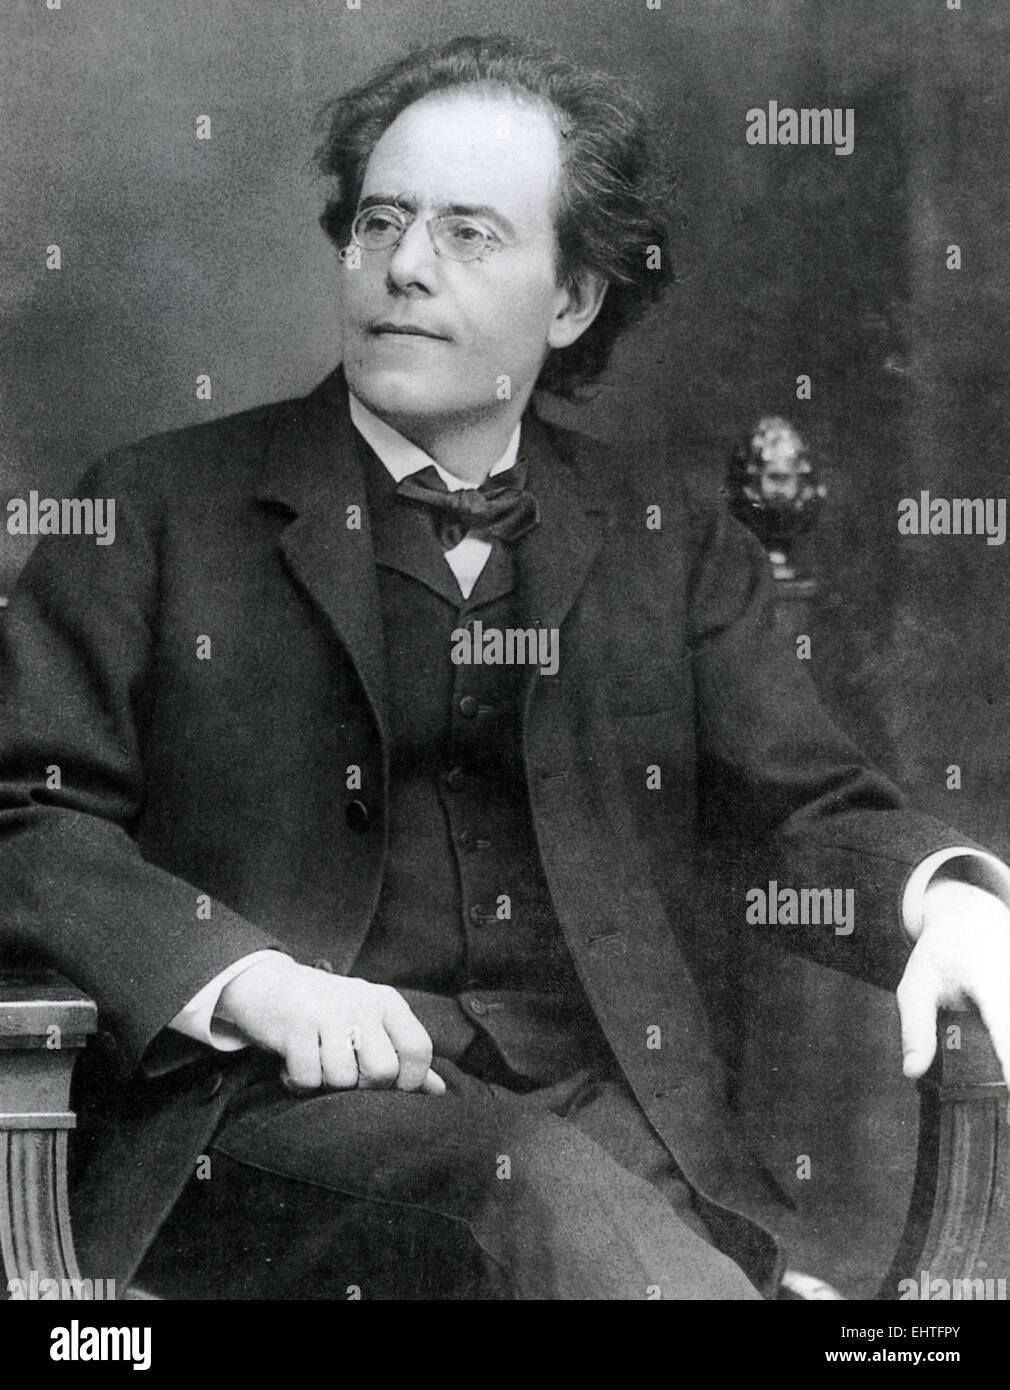 GUSTAV MAHLER (1860-1911) Bohemian composer about 1905 - Stock Image